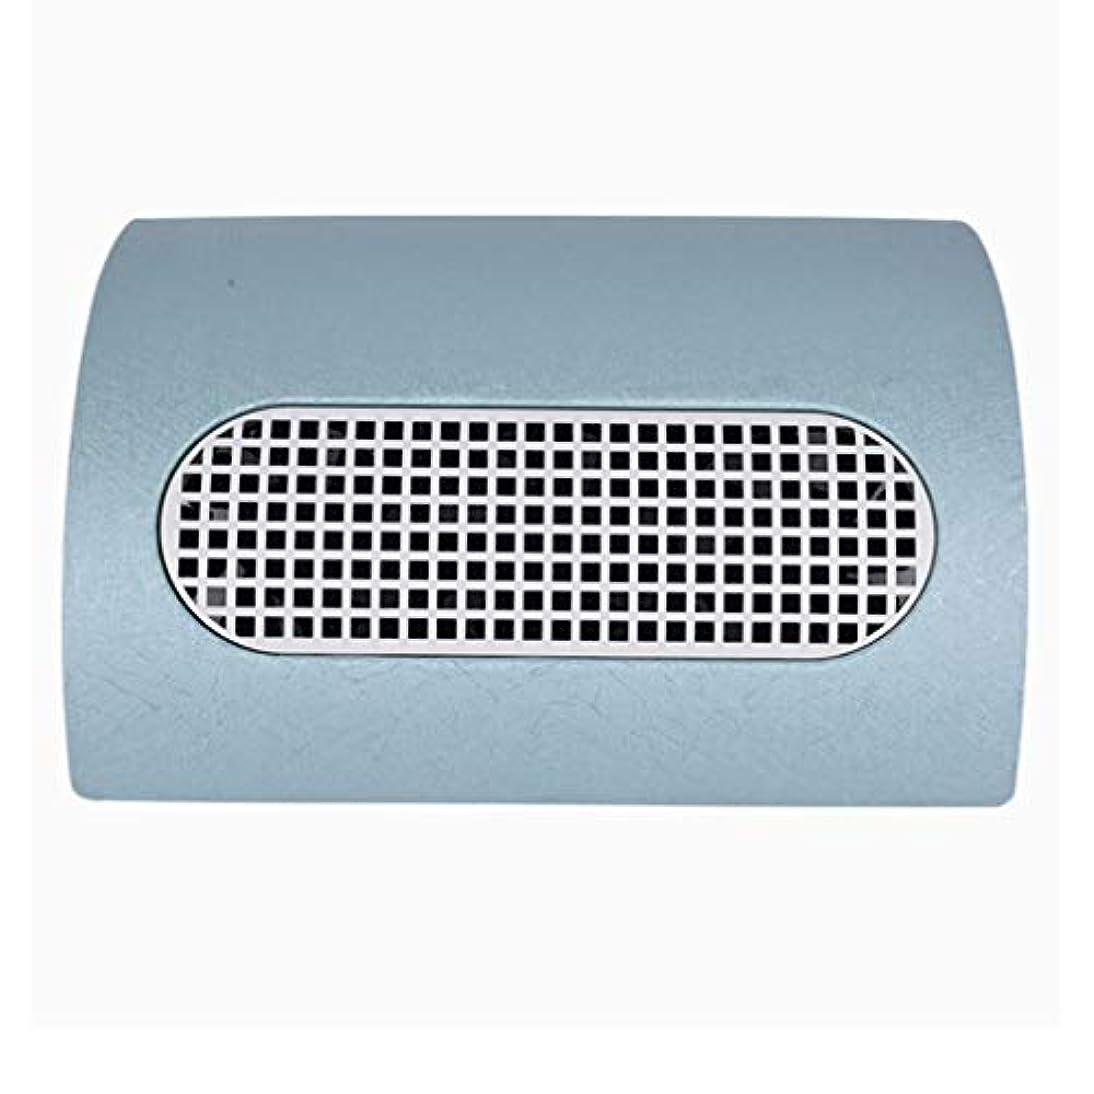 専門用語十億プロポーショナル3つのファン釘の塵のコレクターのマニキュア機械 15W 2 つのレベルの速度を調節する釘の集じん器の釘の塵2の塵袋,ブルー